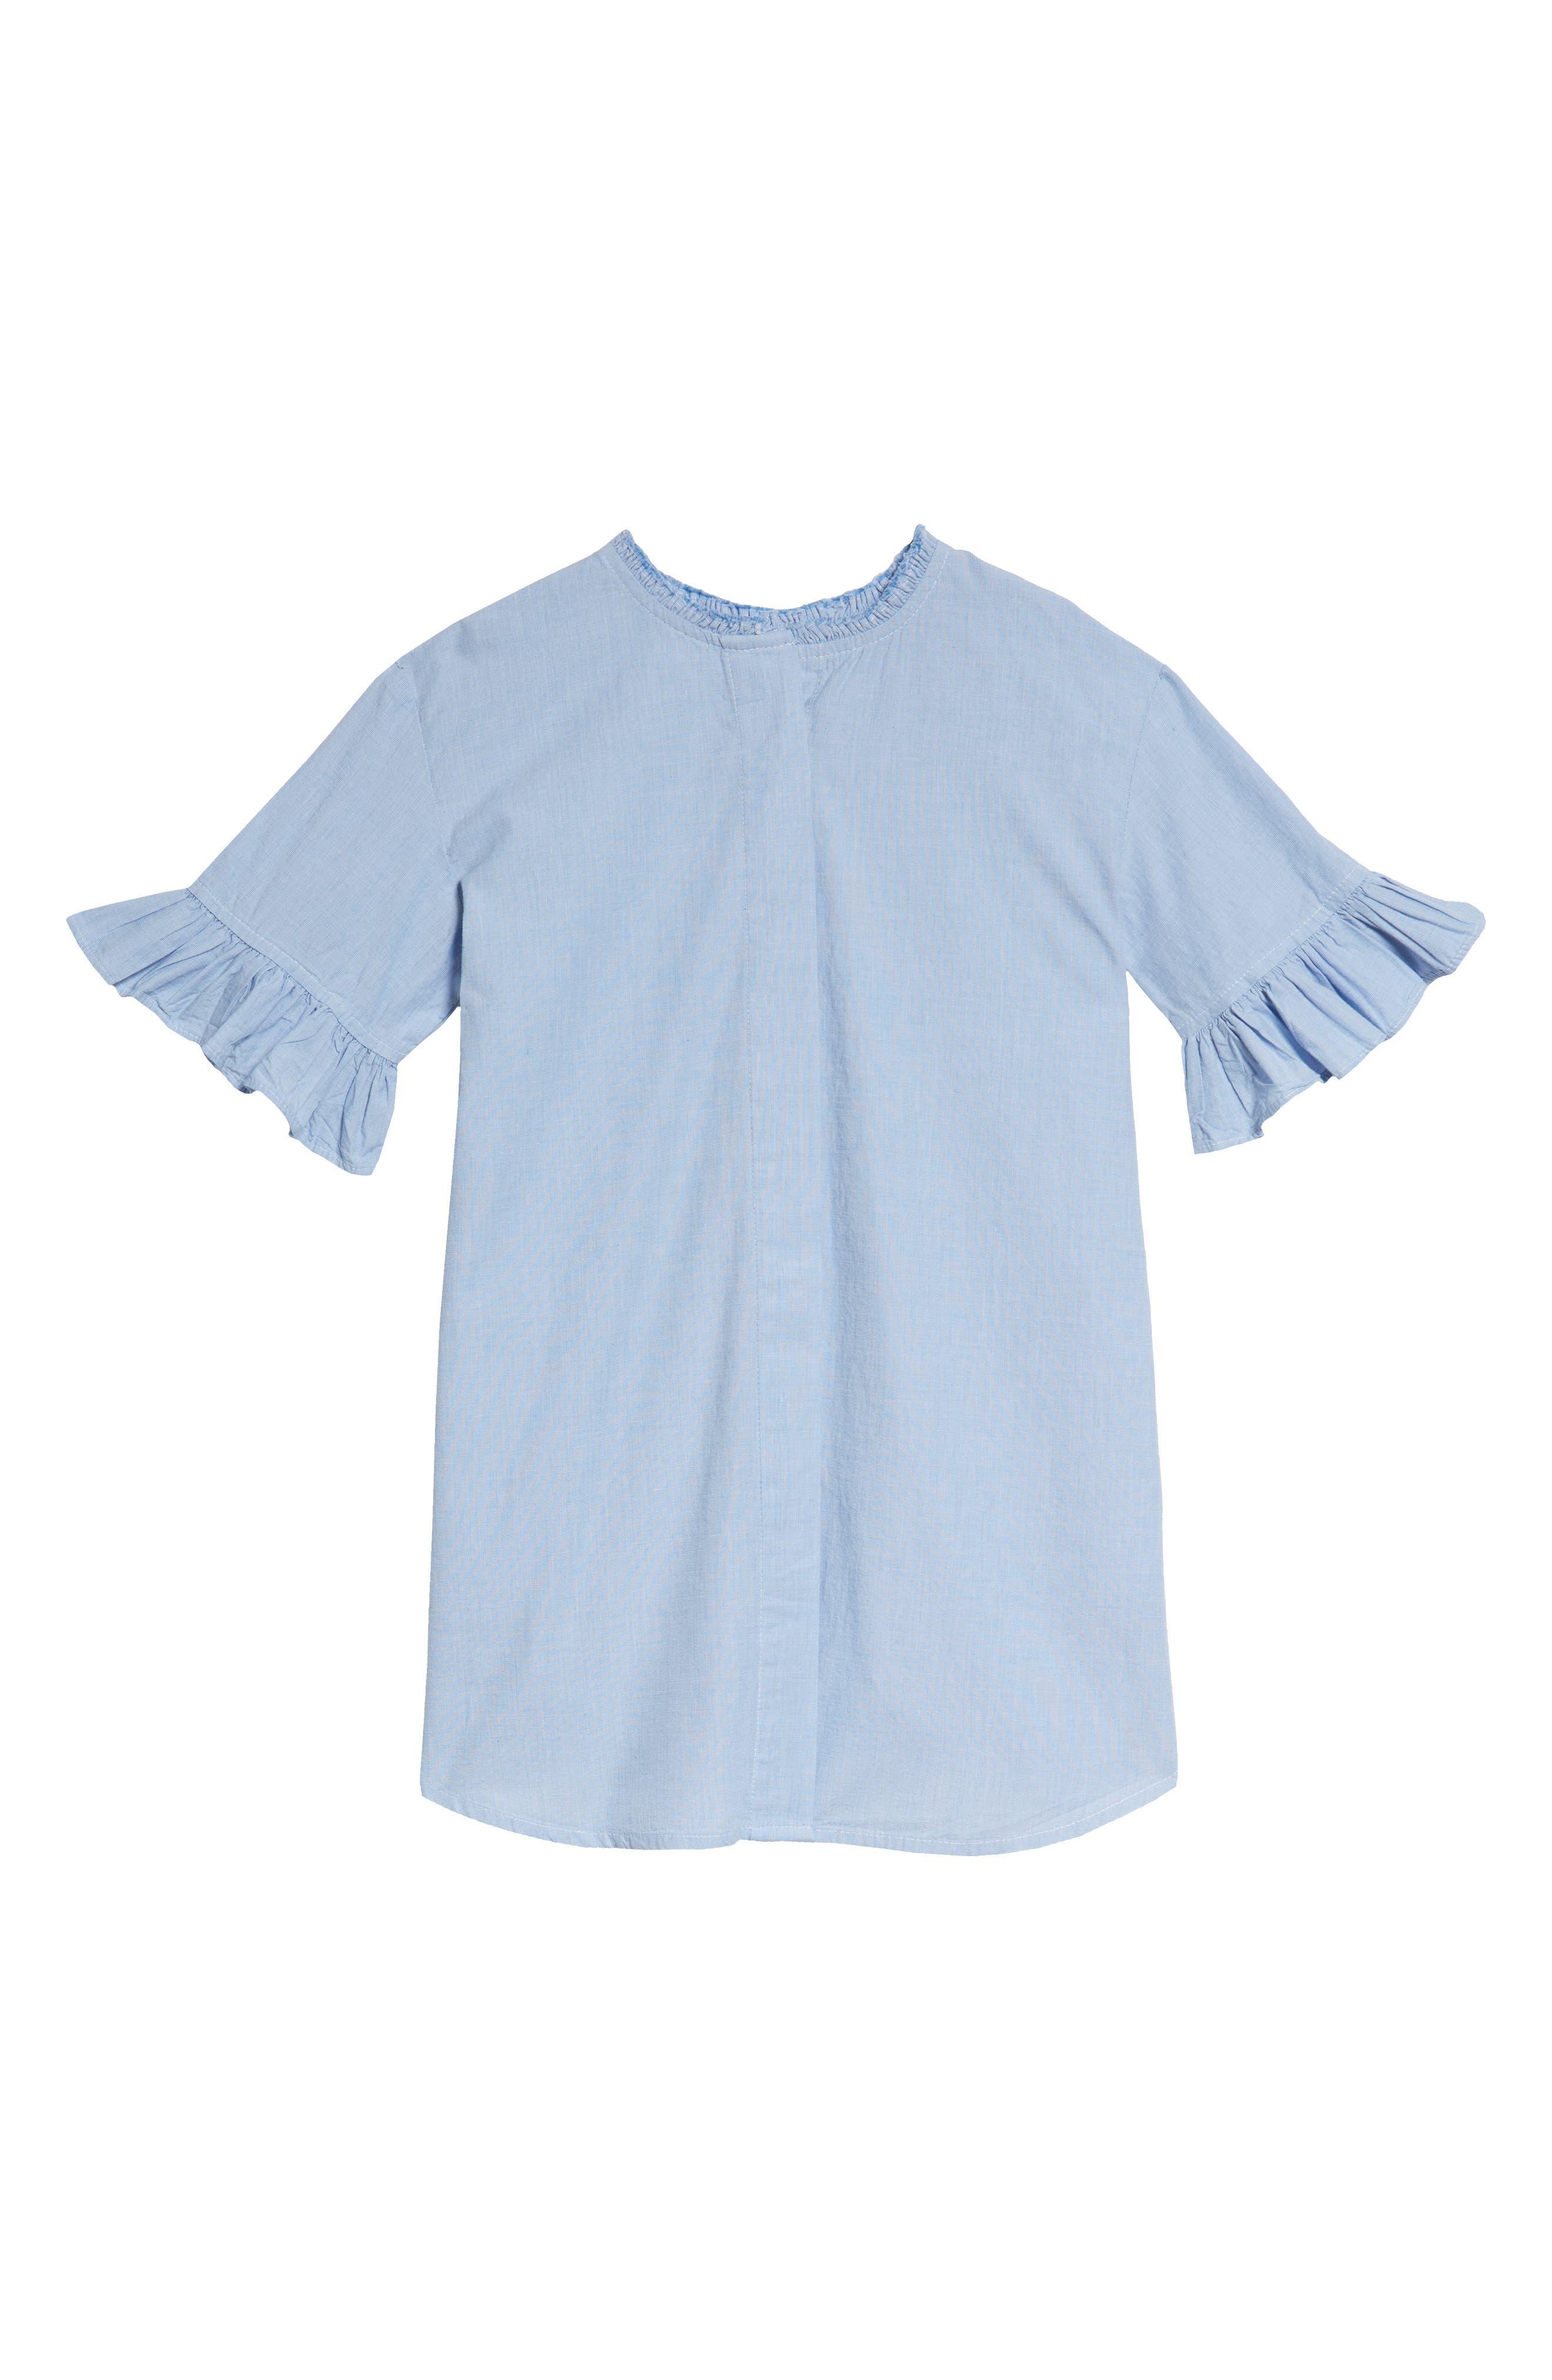 Ruffle Shirtdress,                         Main,                         color, Blue Chambray Grid